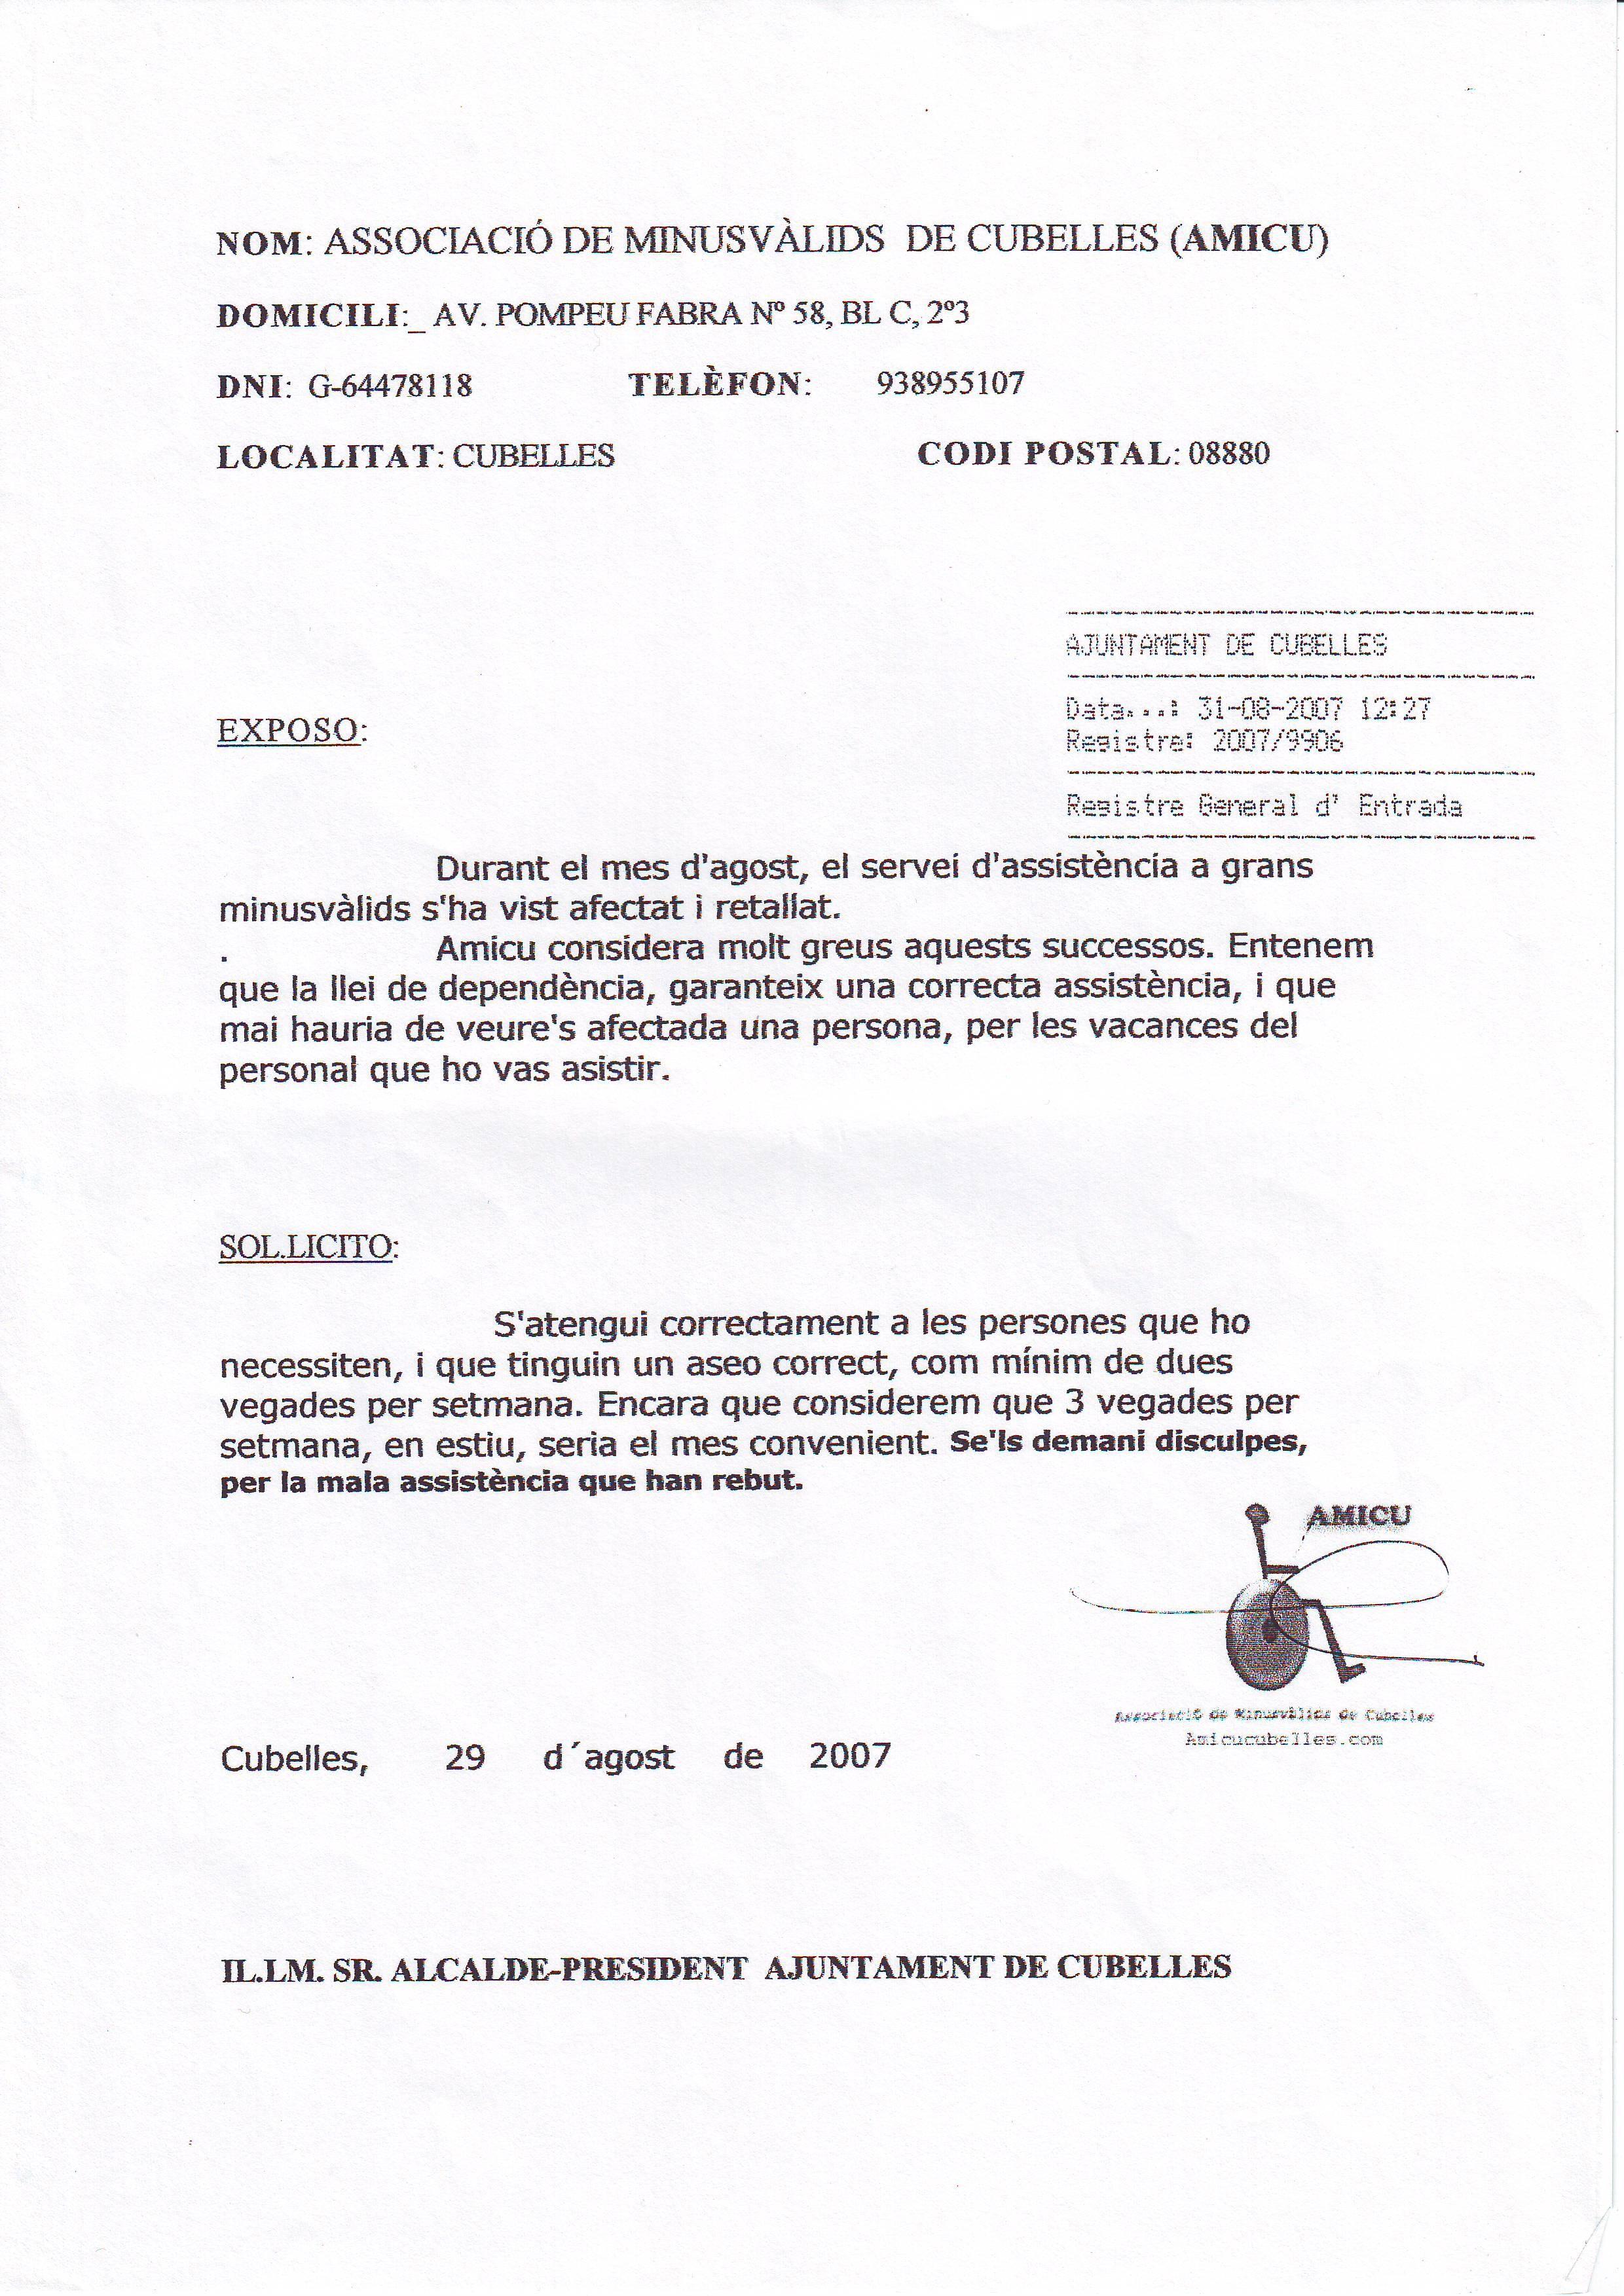 INSTANCIA DESATENCION DOMICILIARIA AGOSTO- 31-08-2007